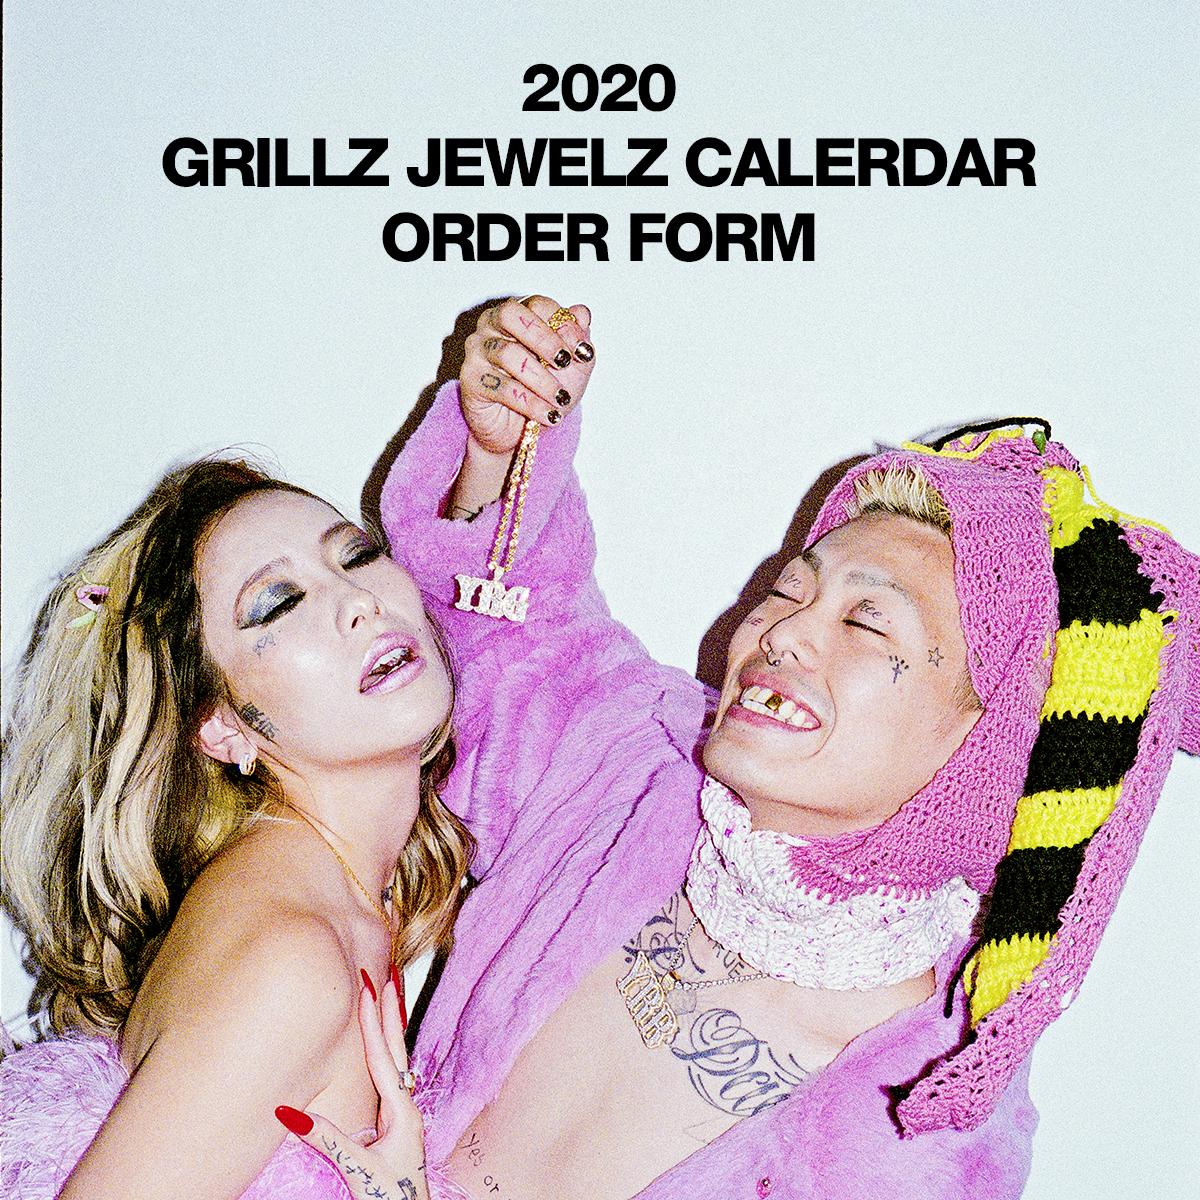 GRILLZ JEWELZ 2020 CALENDAR